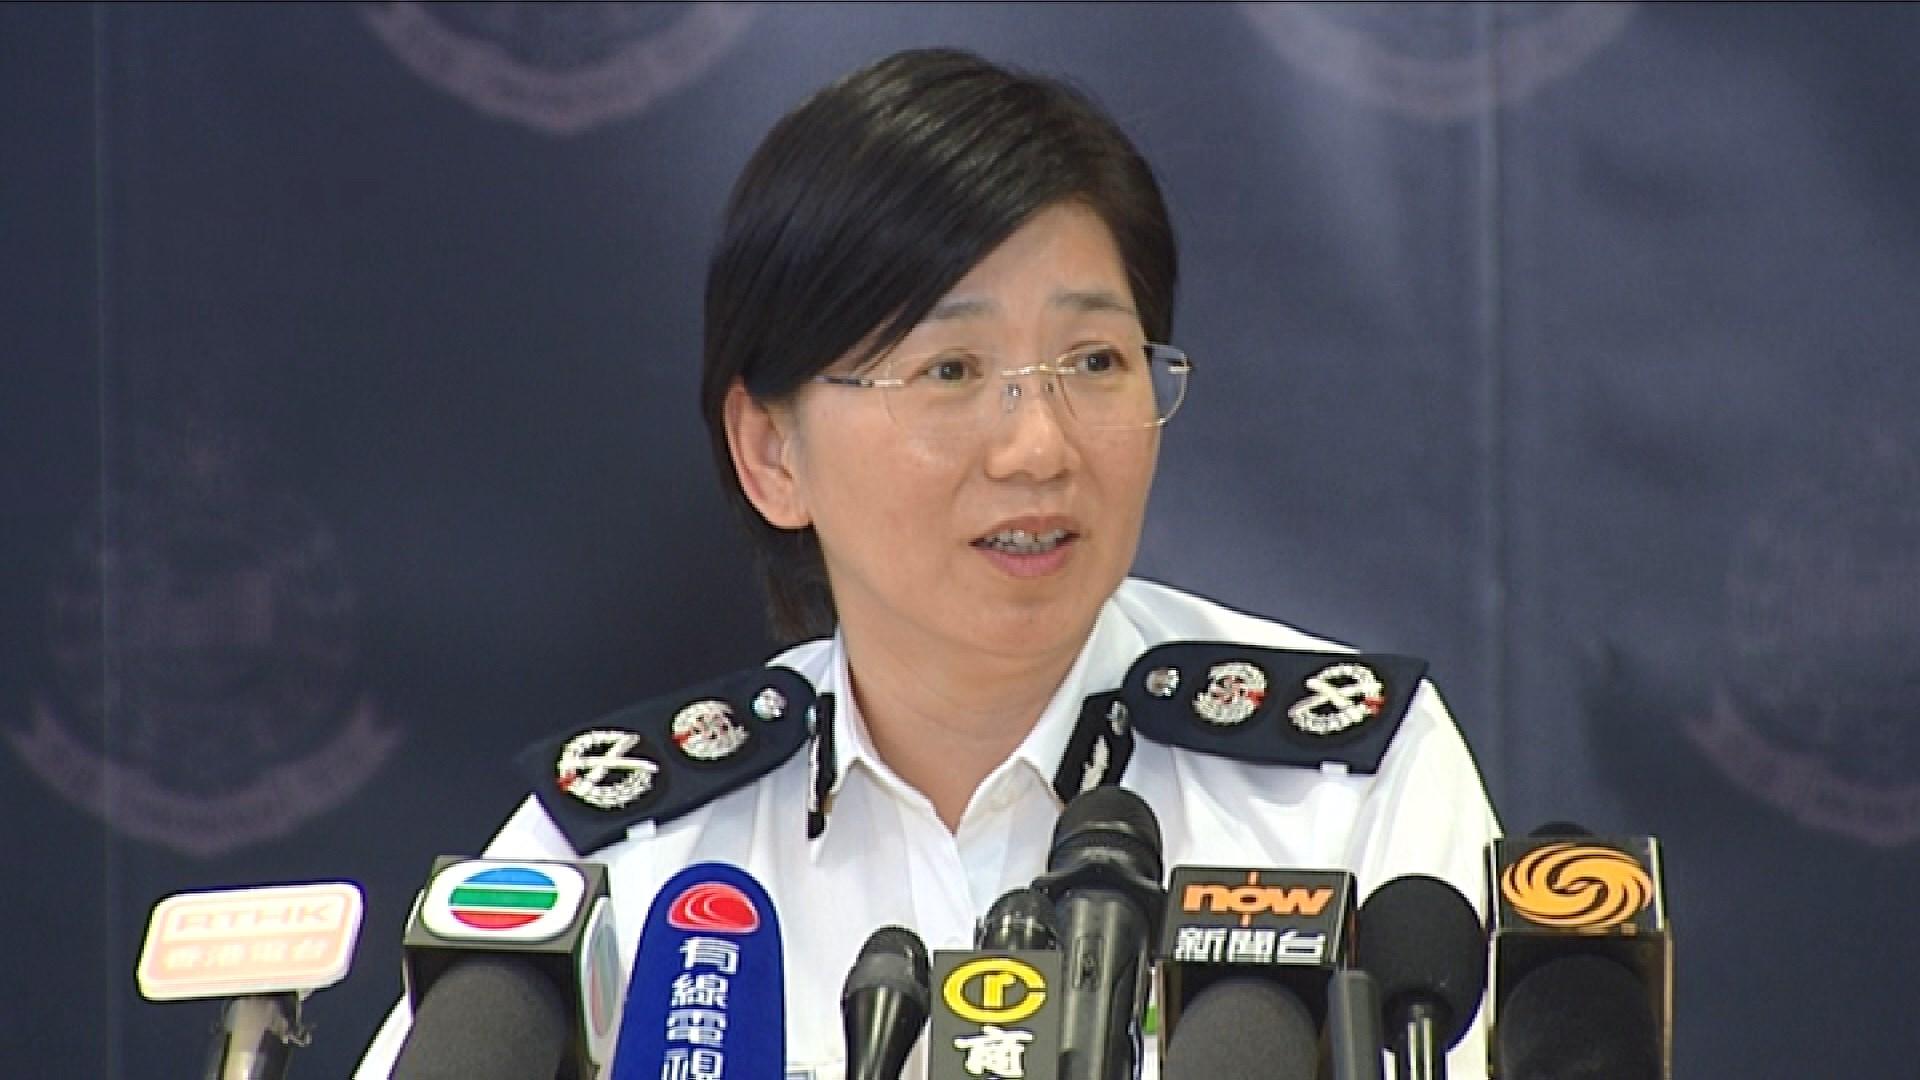 趙慧賢獲委任為申訴專員任期五年